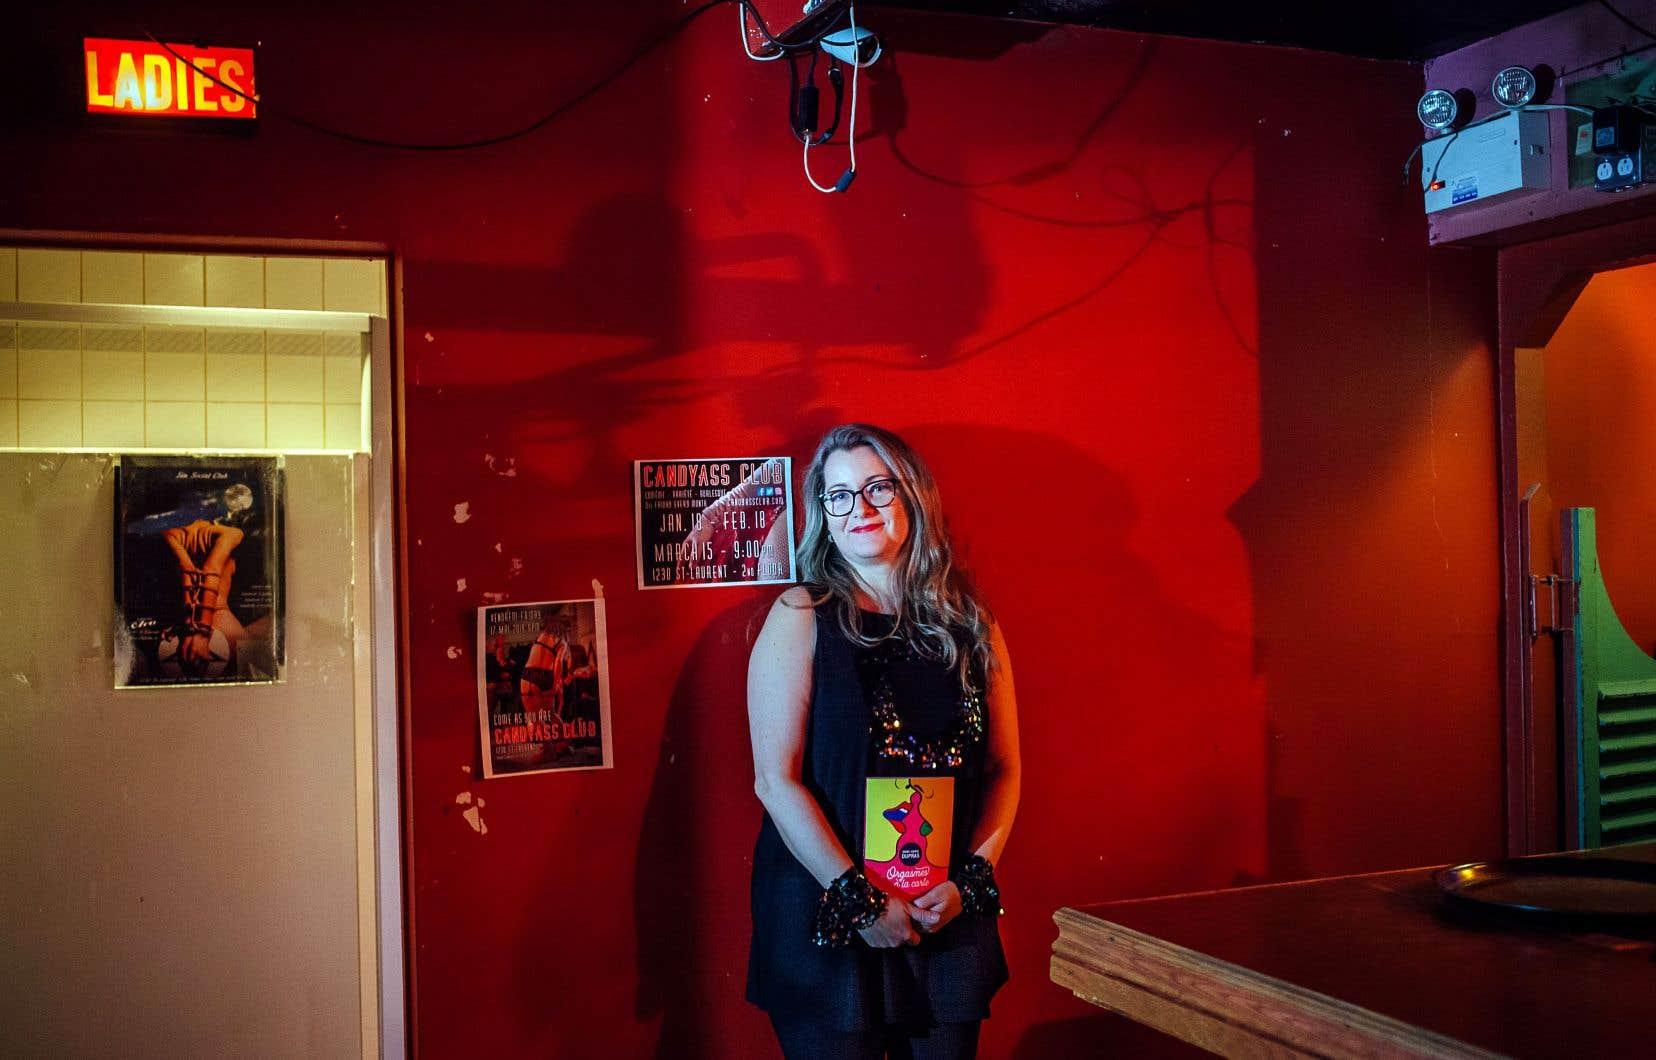 L'auteure et humoriste Anne-Marie Dupras défend l'érotisme et toutes ses nuances subtiles. Elle promeut également une sexualité décomplexée dans son dernier roman interactif dont vous êtes l'héroïne.